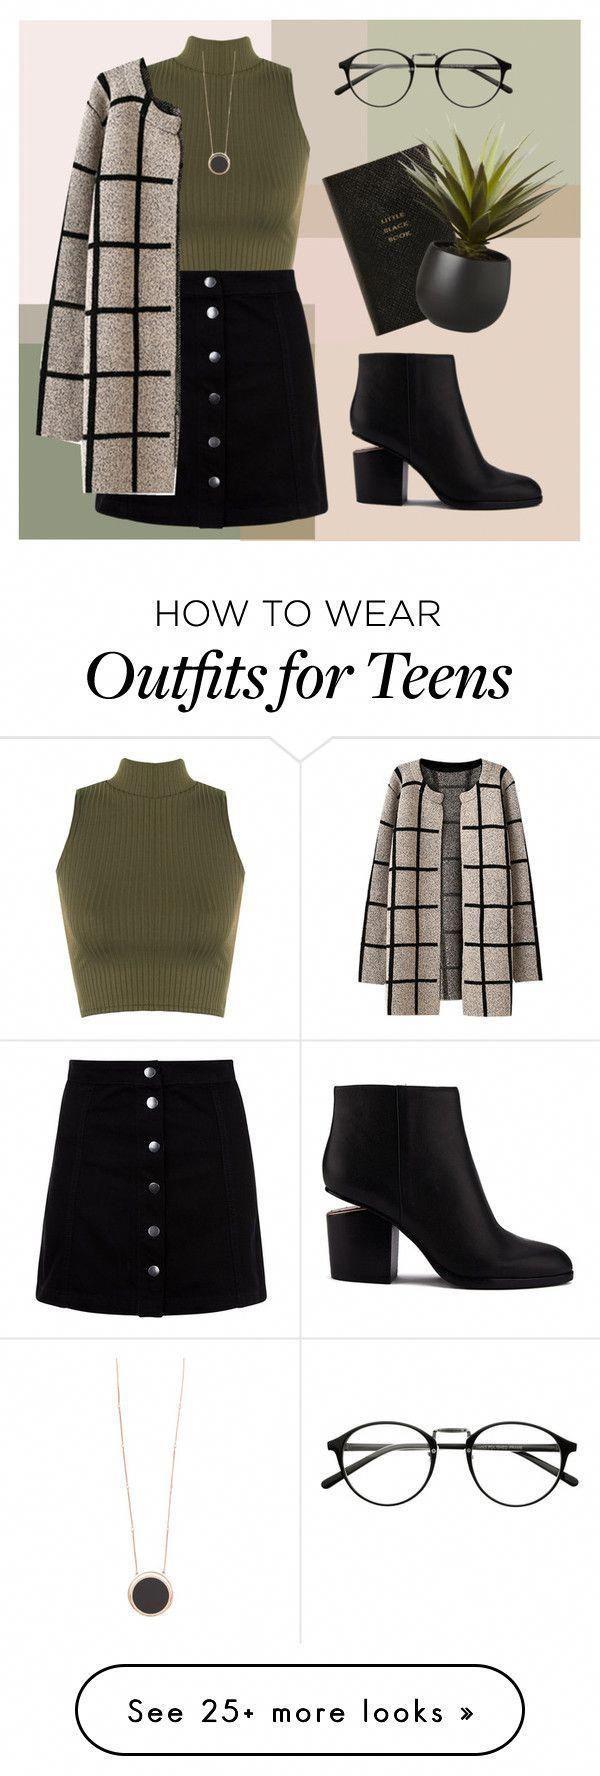 Die besten Bekleidungsgeschäft für Teens – Salia Seraphine